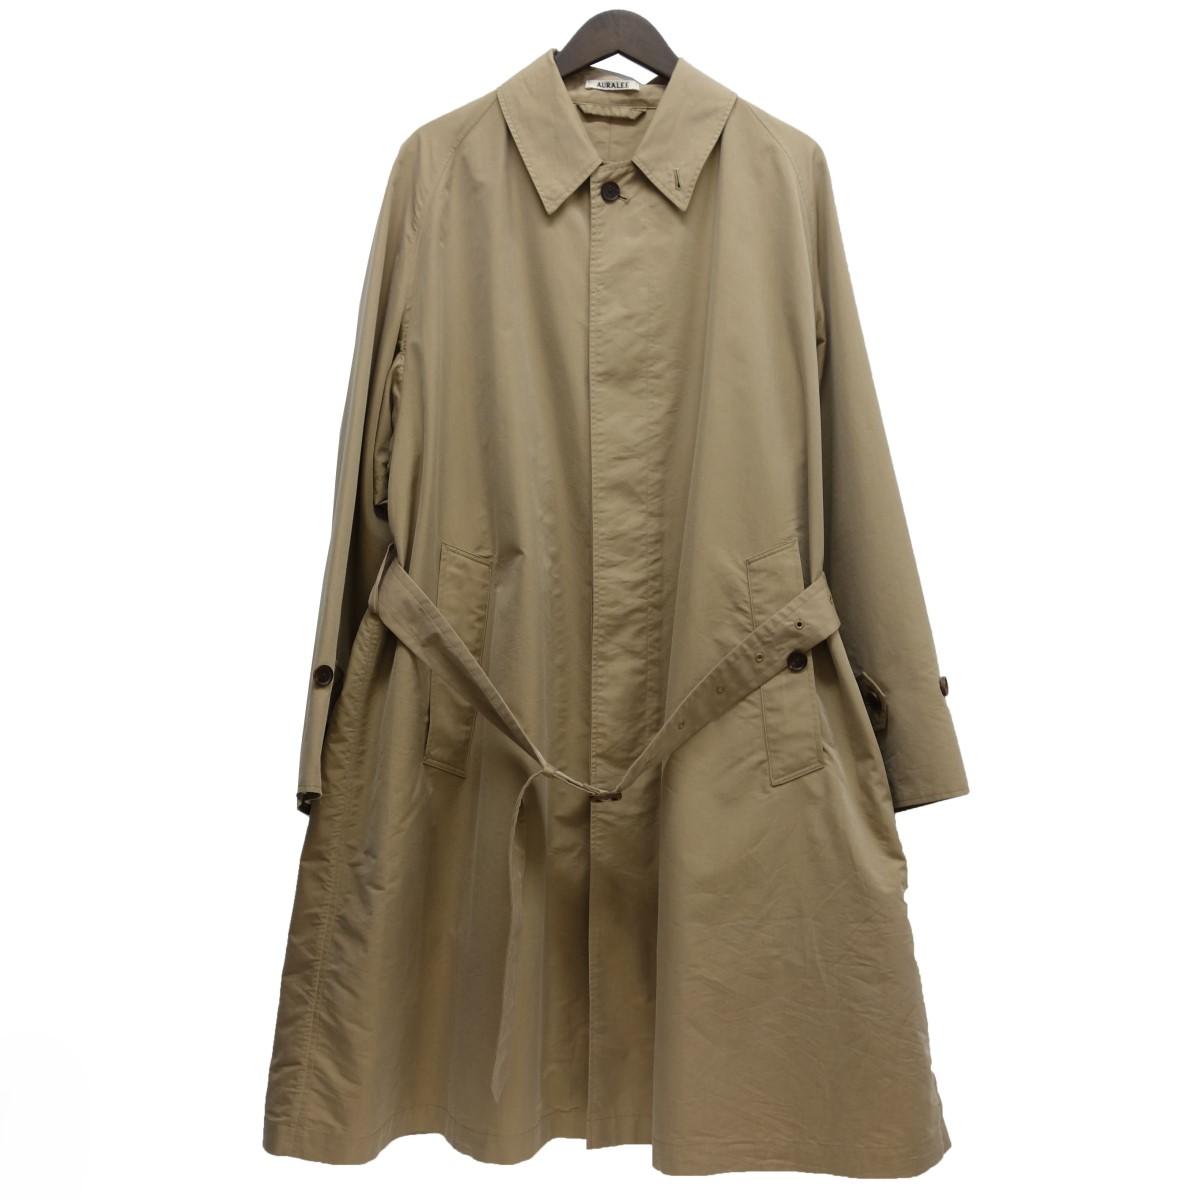 【中古】AURALEE FINX POLYESTER DOUBLE CLOTH SOUTIEN COLLAR COAT ベージュ サイズ:4 【020520】(オーラリー)